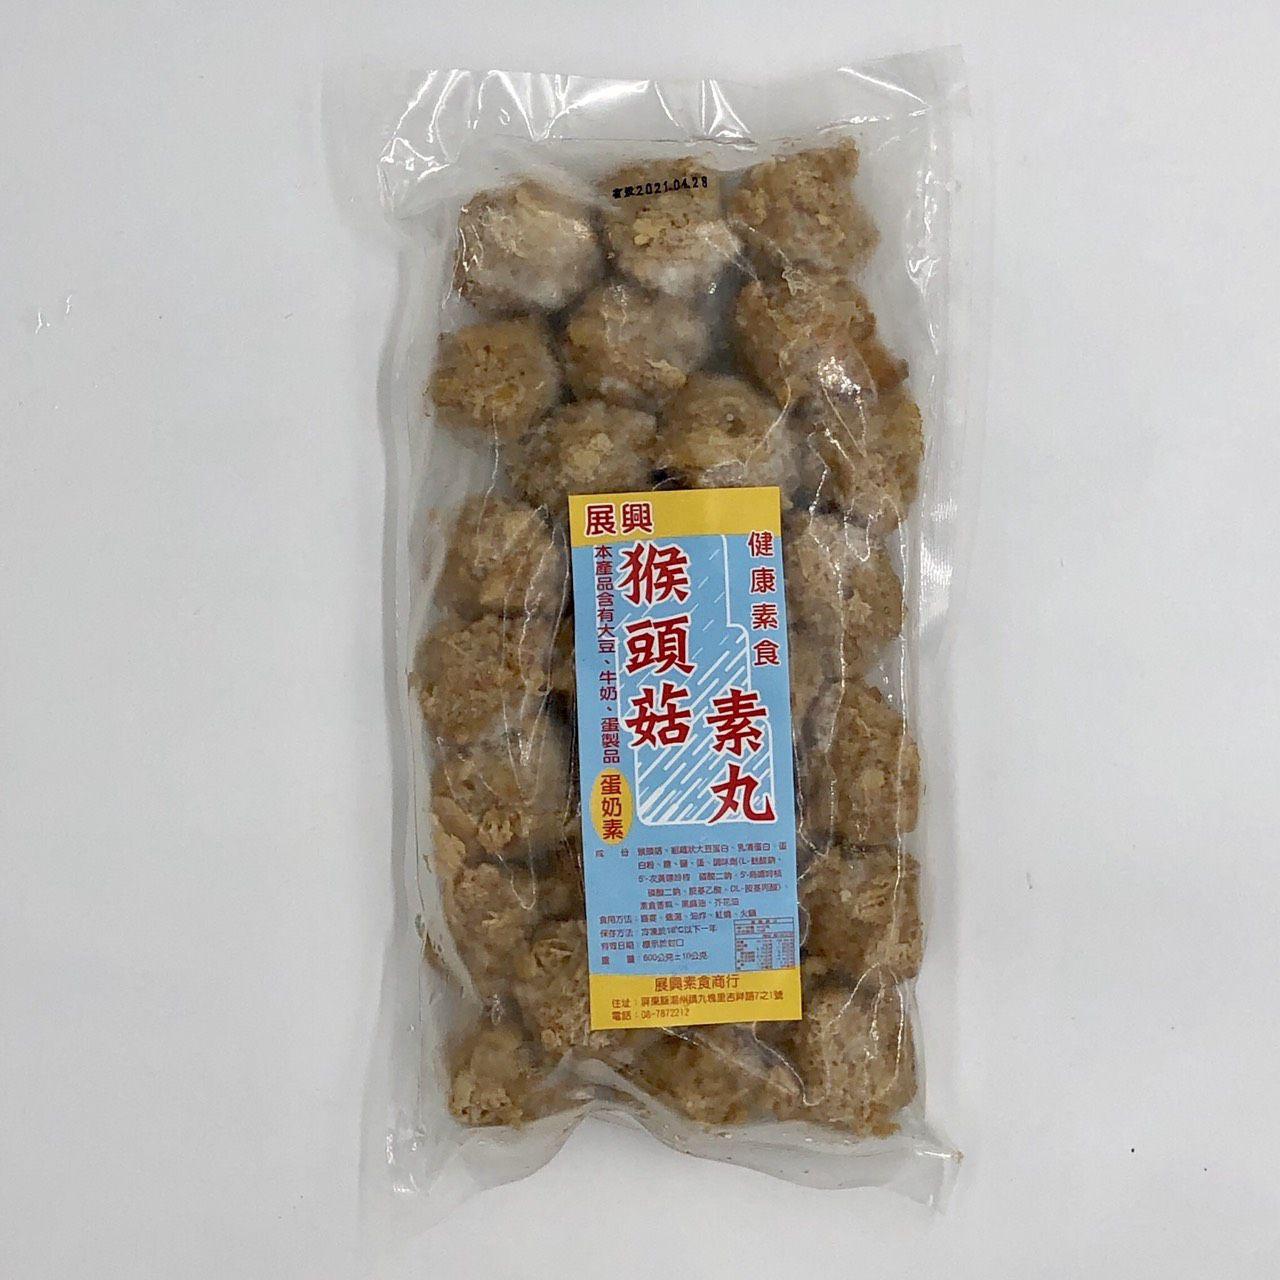 (展興)猴頭菇素丸600g(蛋奶素)